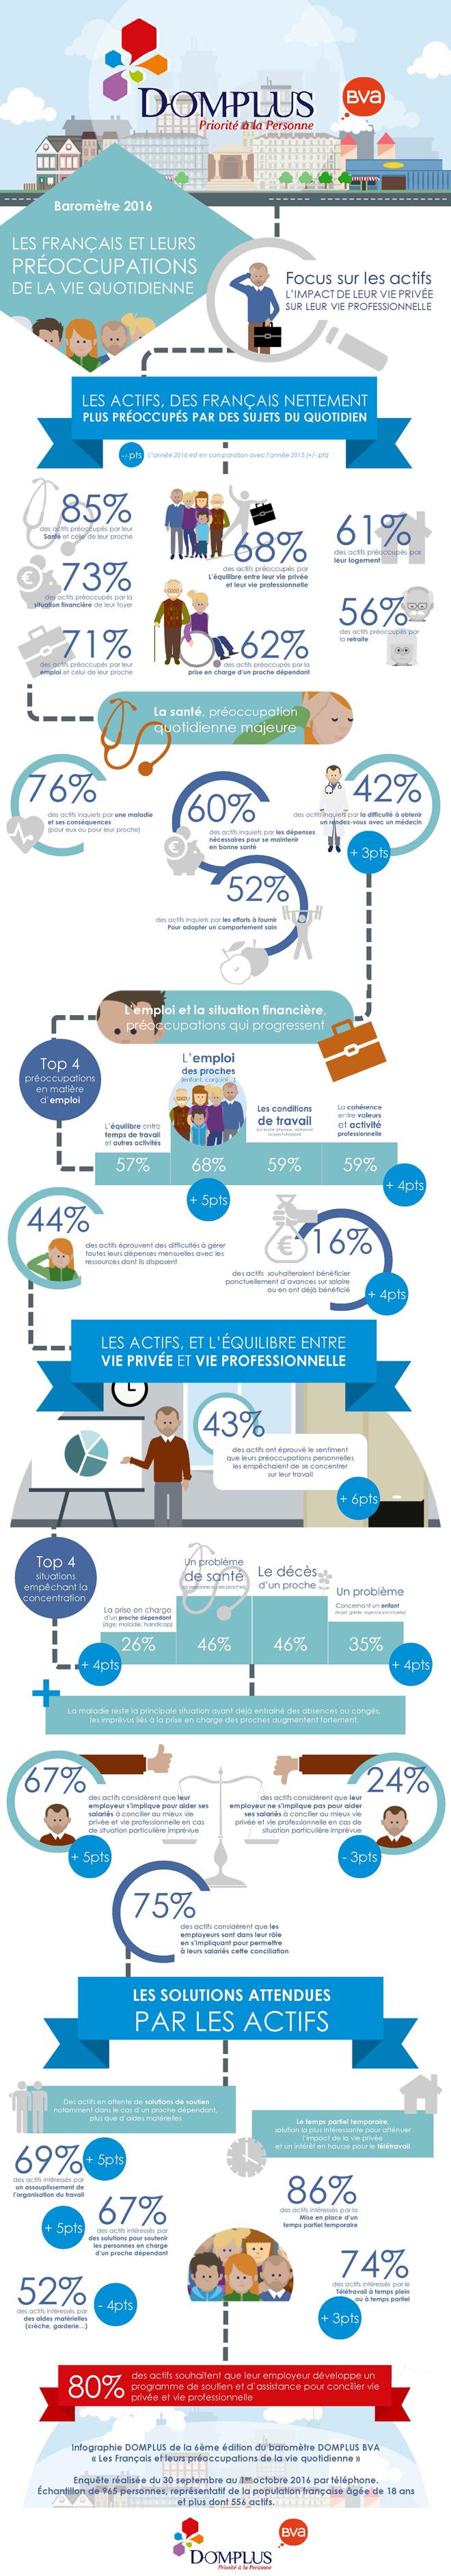 Baromètre DOMPLUS BVA 2016 sur les préoccupations des Français